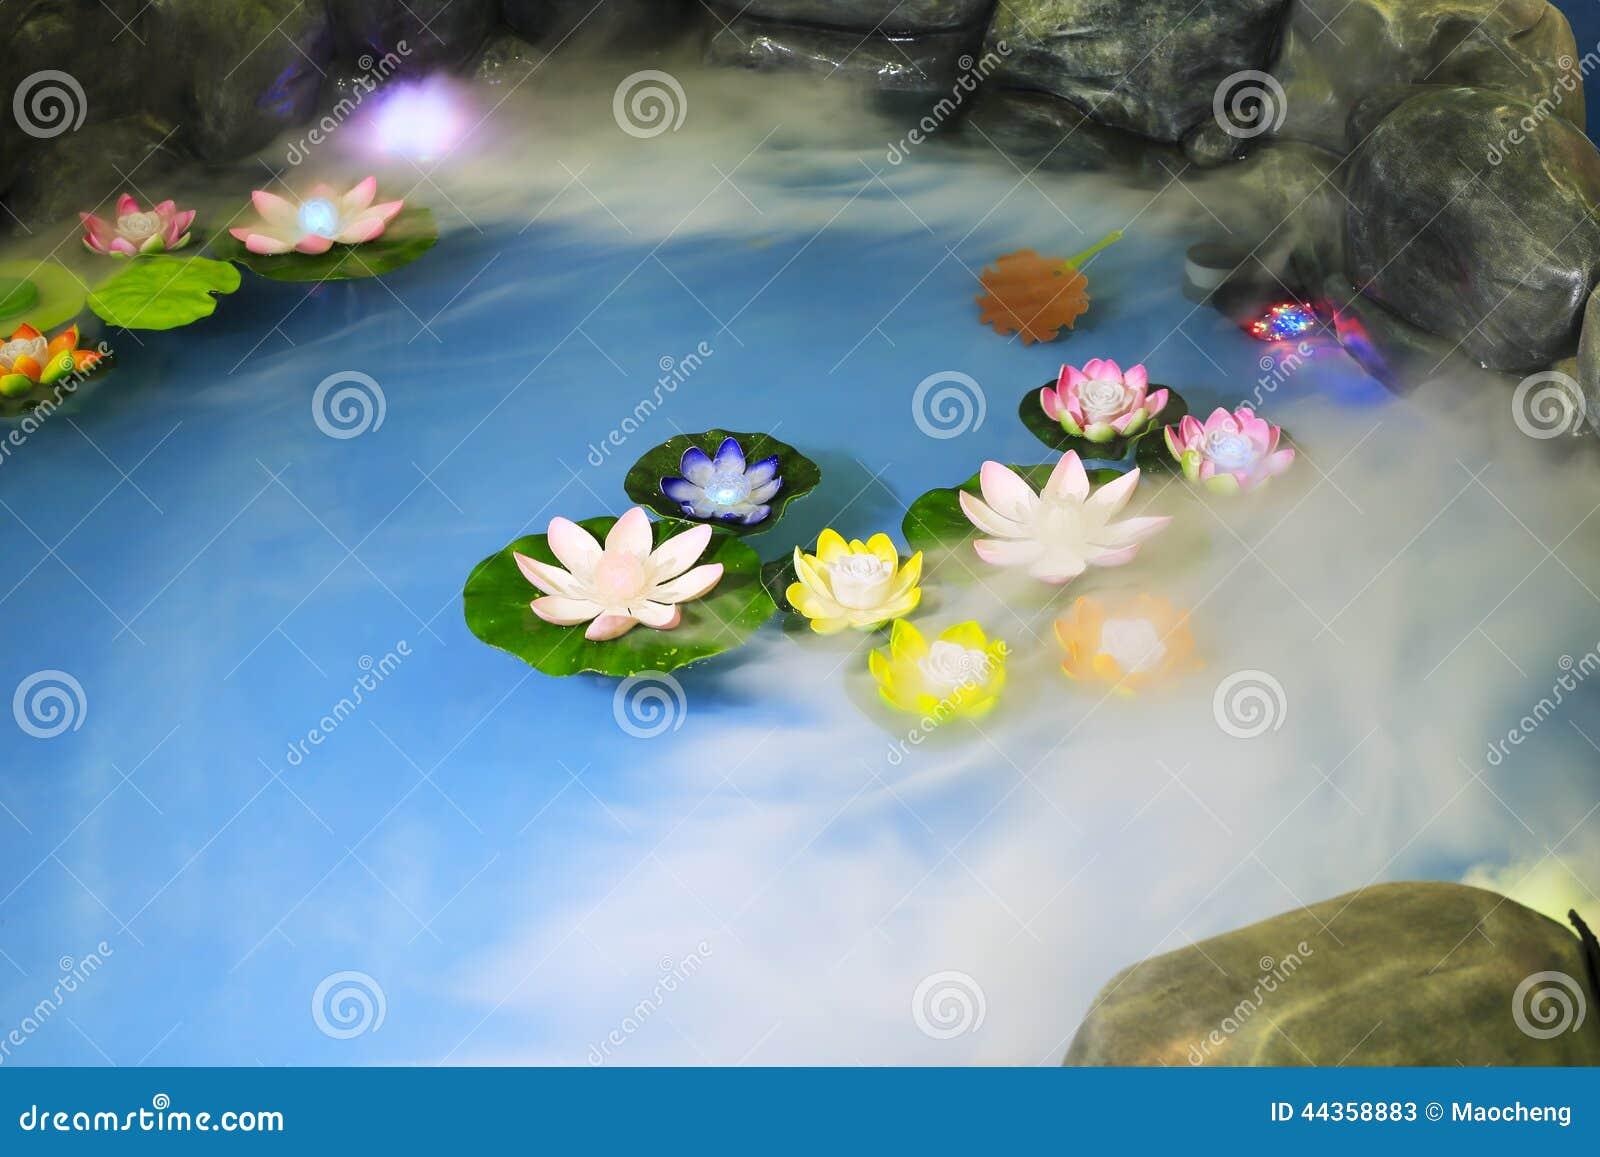 Smoke filled lotus pool stock image image of beauty 44358883 download smoke filled lotus pool stock image image of beauty 44358883 izmirmasajfo